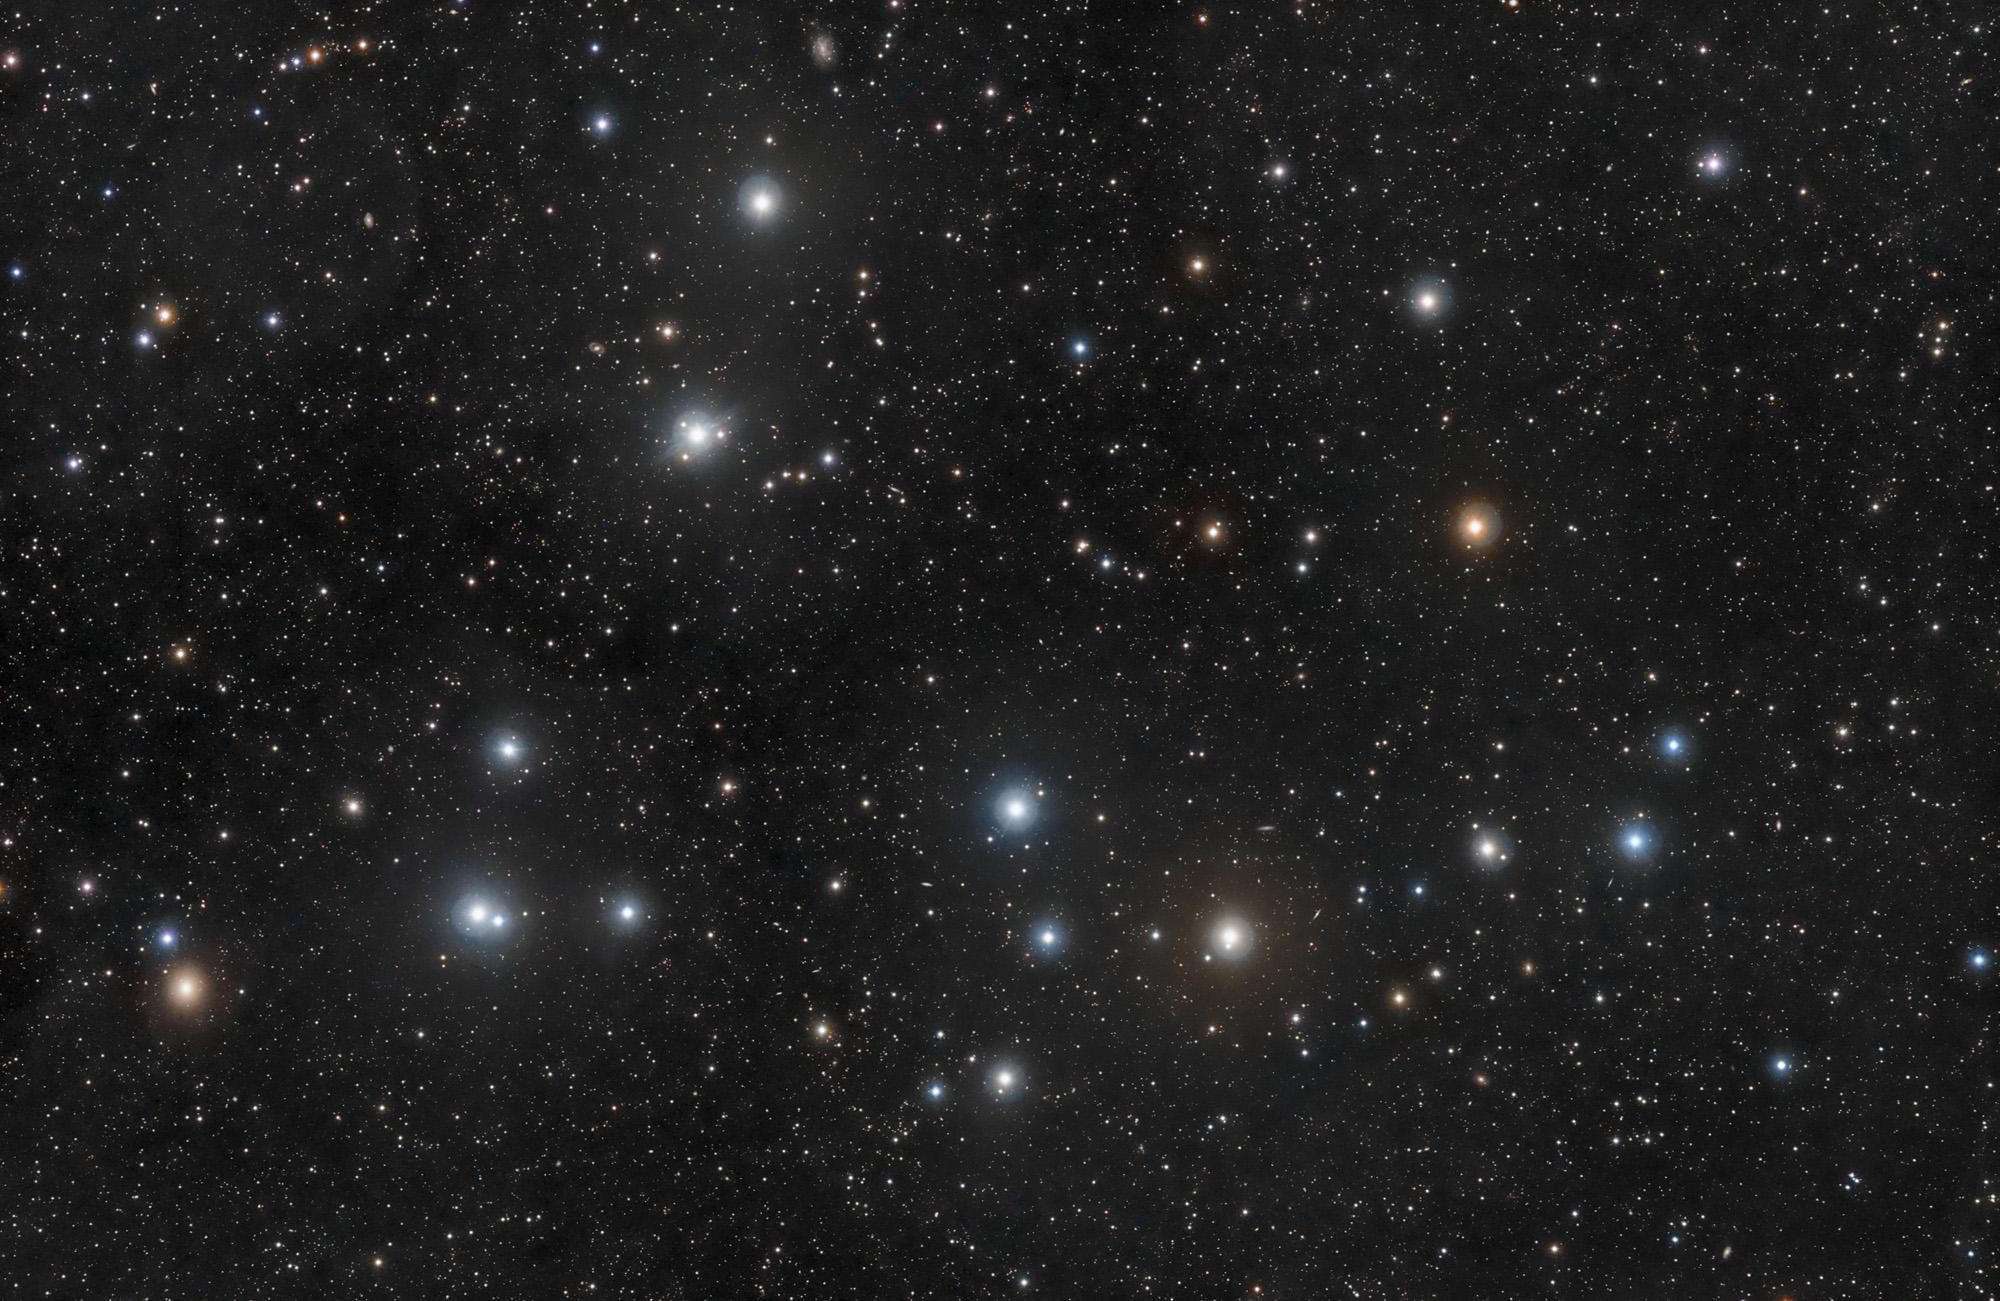 звездное скопление Волос Вероники